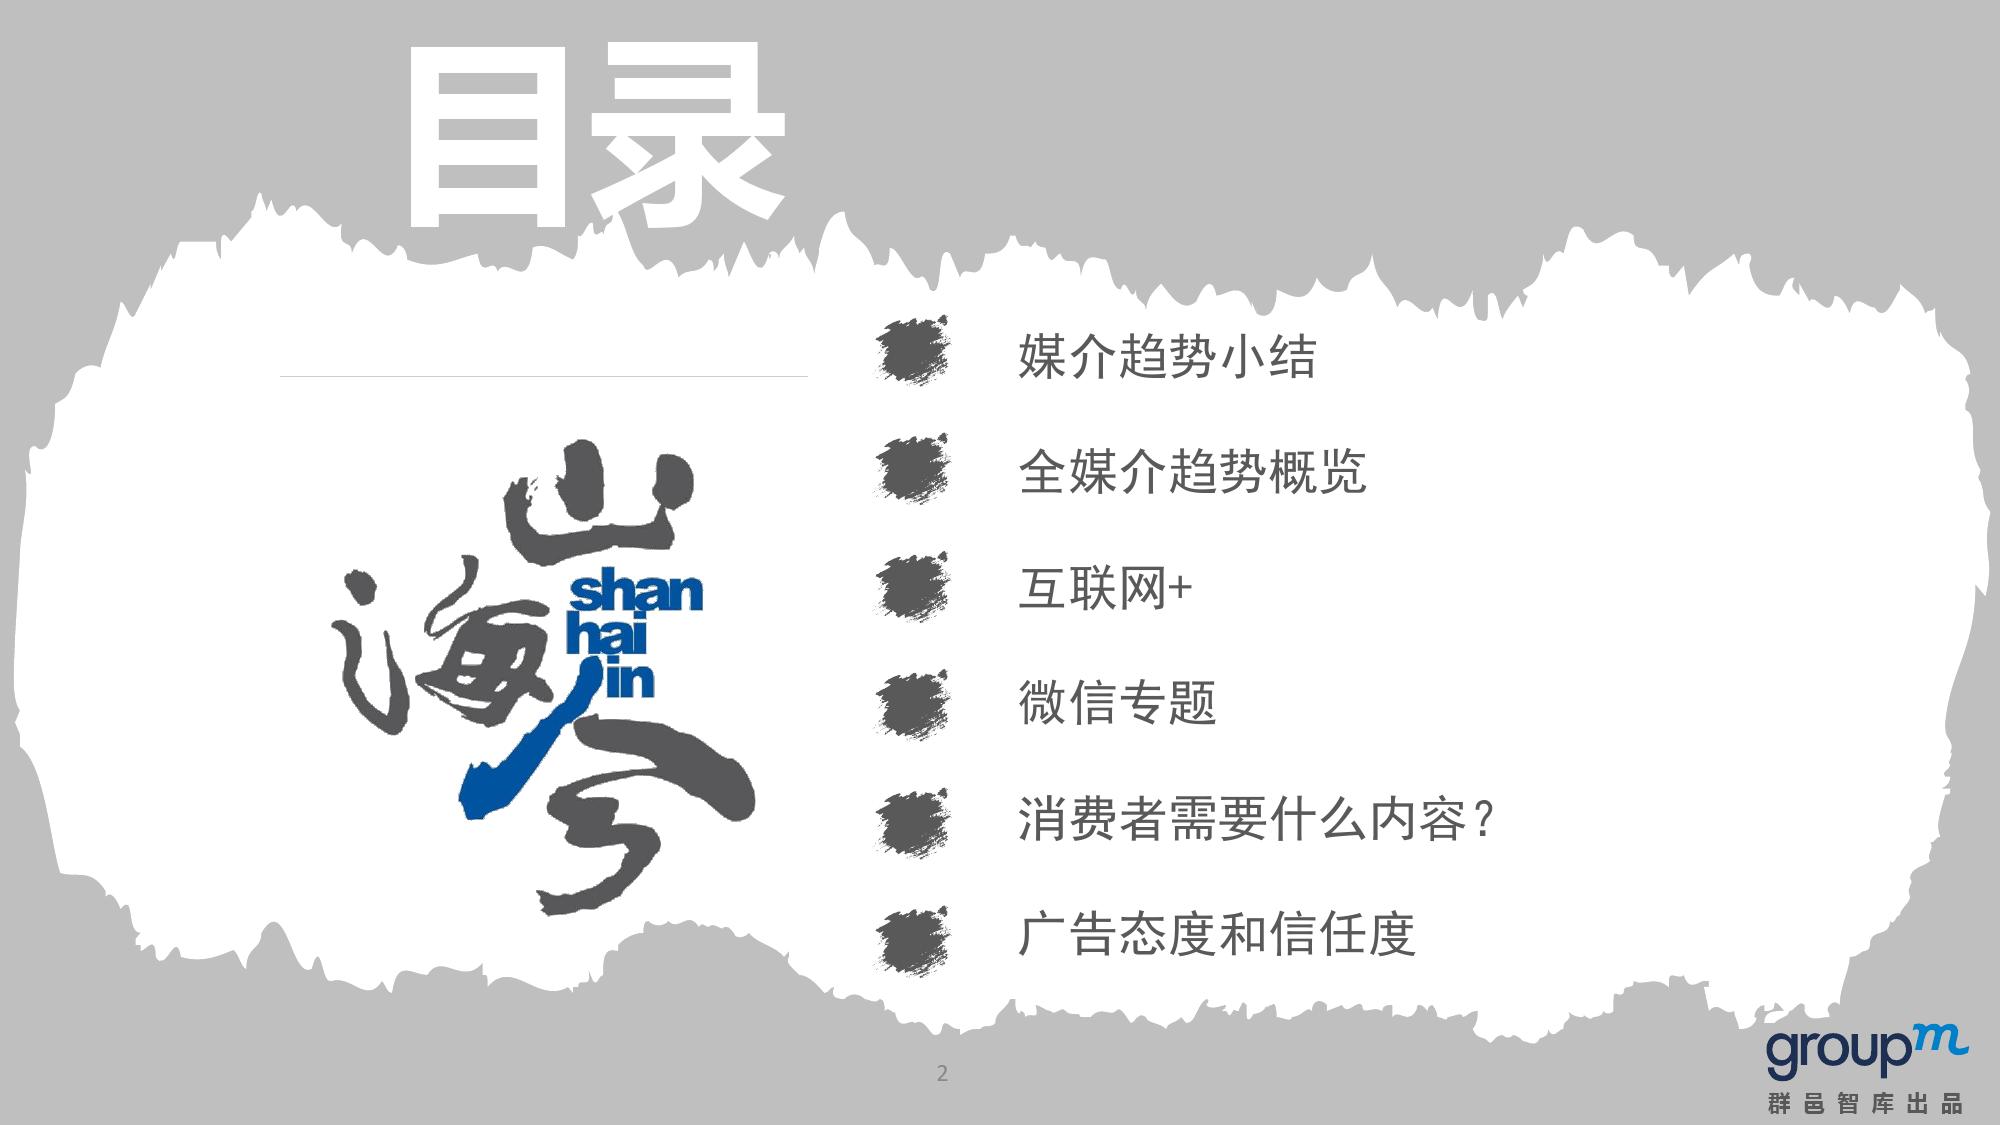 山海今2015中国媒介趋势报告_000002